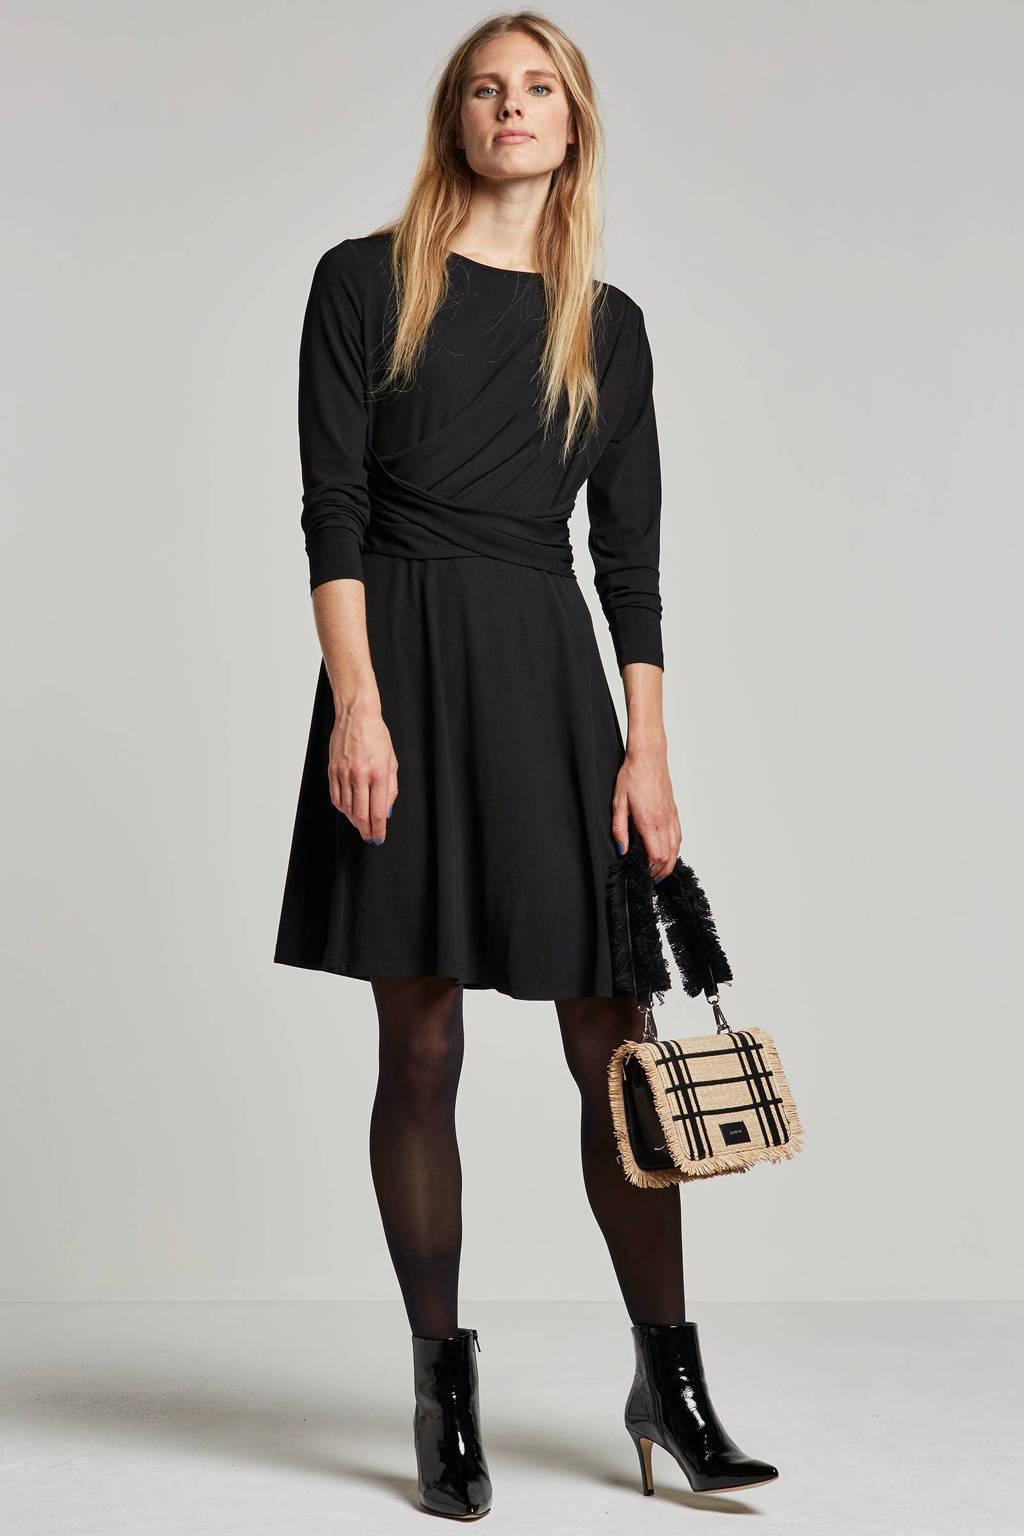 ONLY jurk met overslag, Zwart